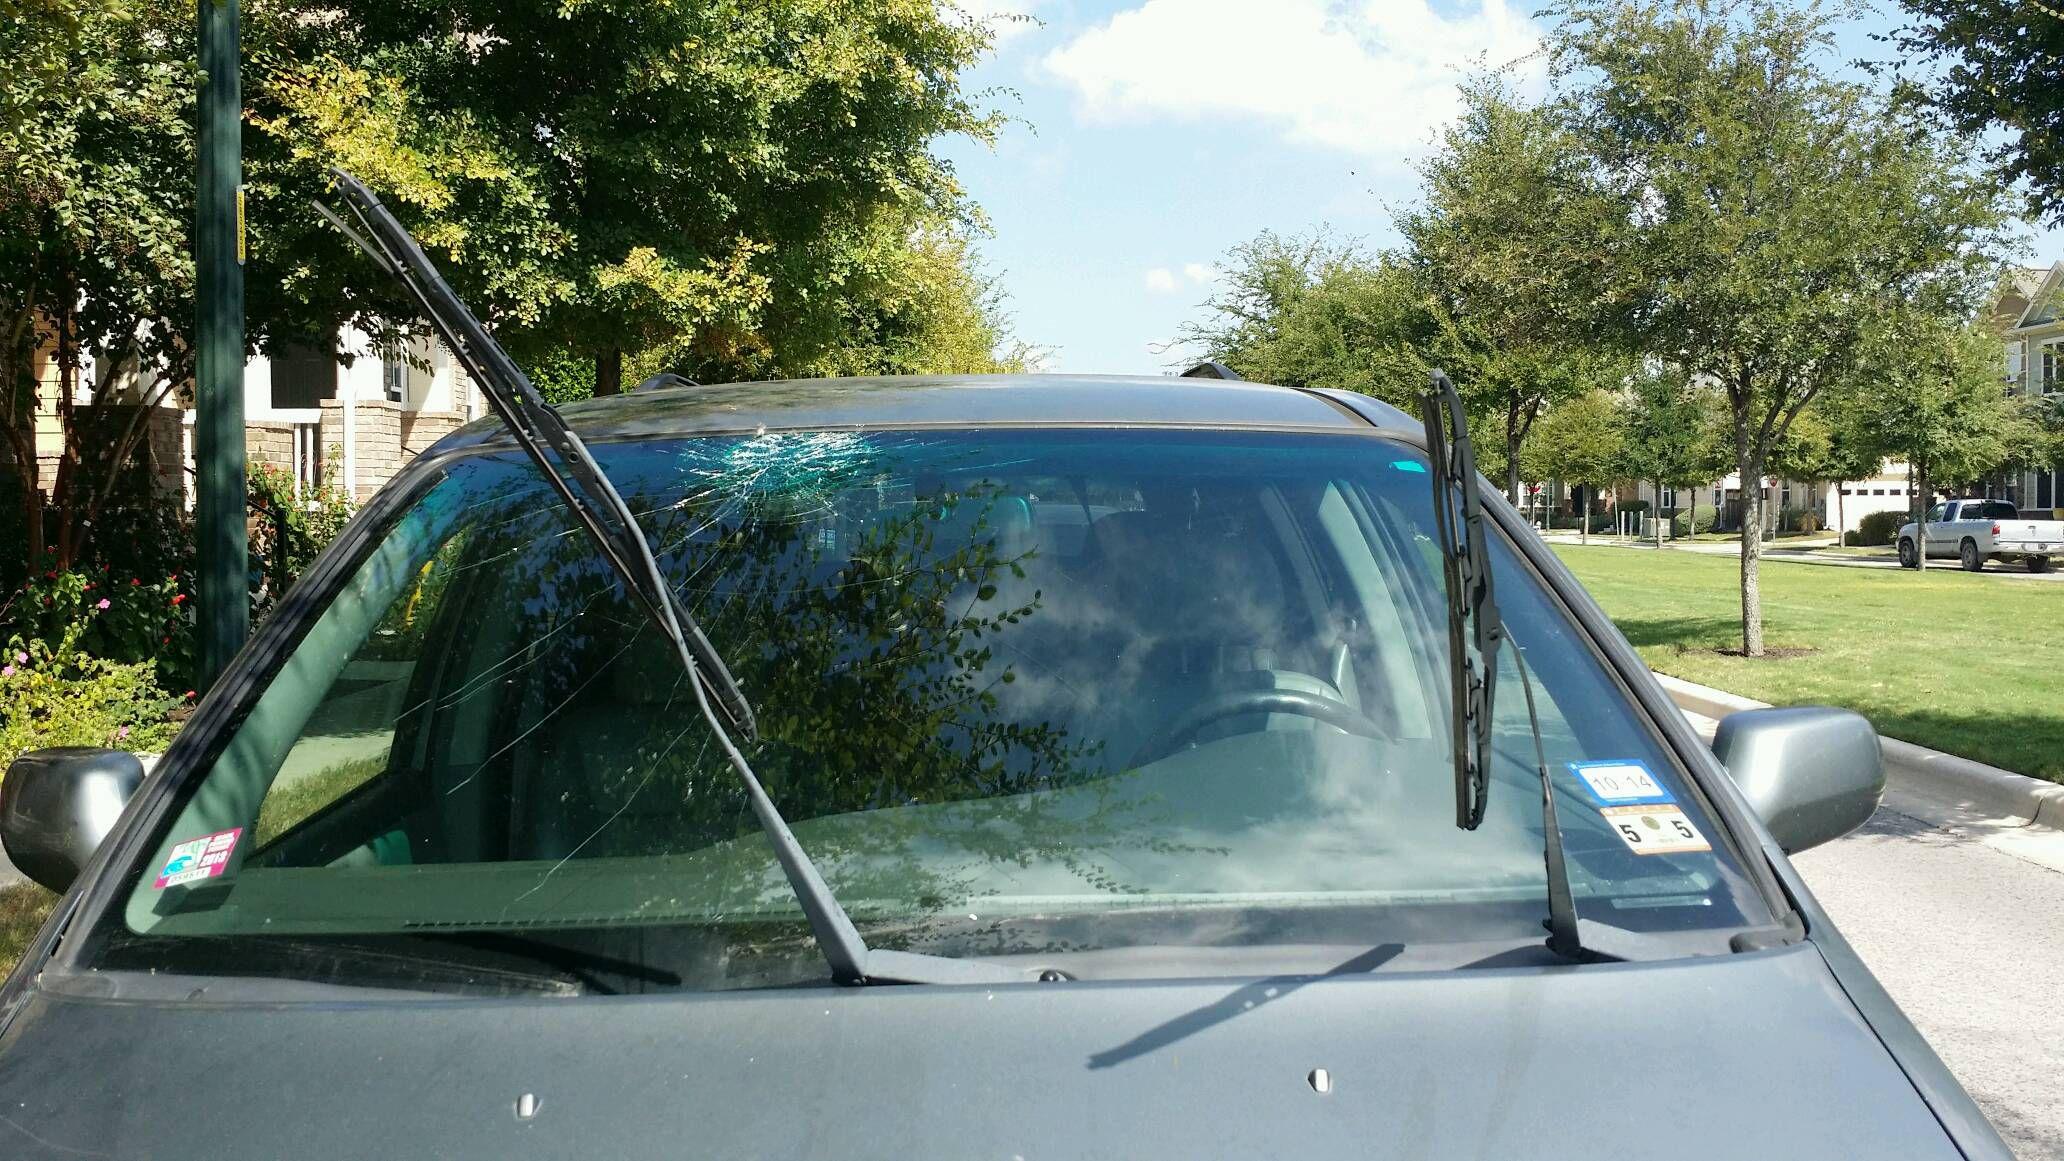 2002 Honda Odyssey Windshield